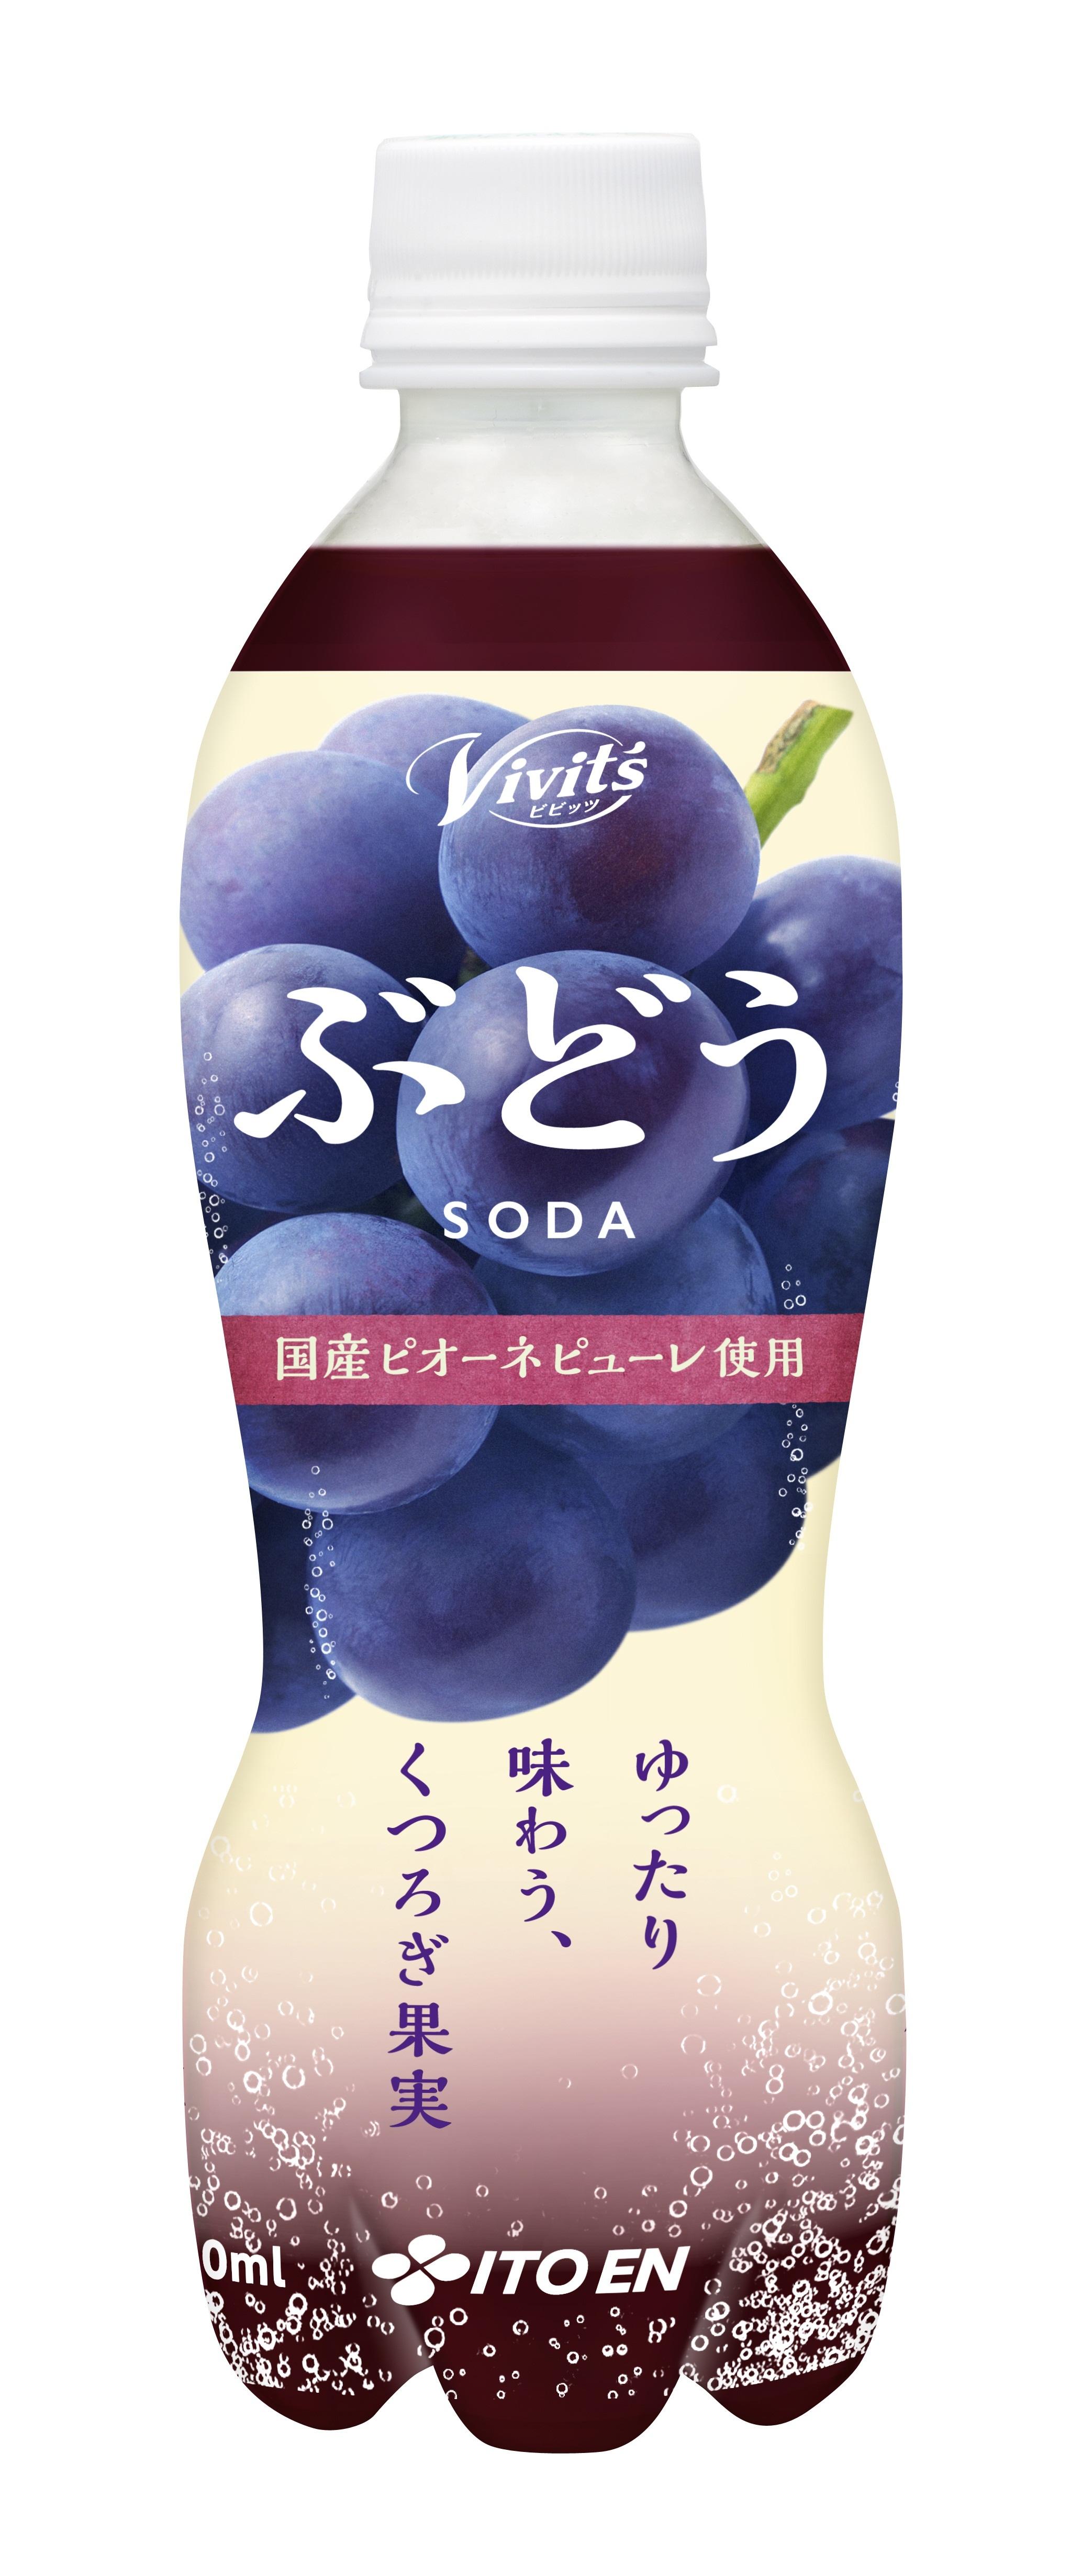 vivit s ぶどう soda 10月29日 月 より新発売 ニュースリリース